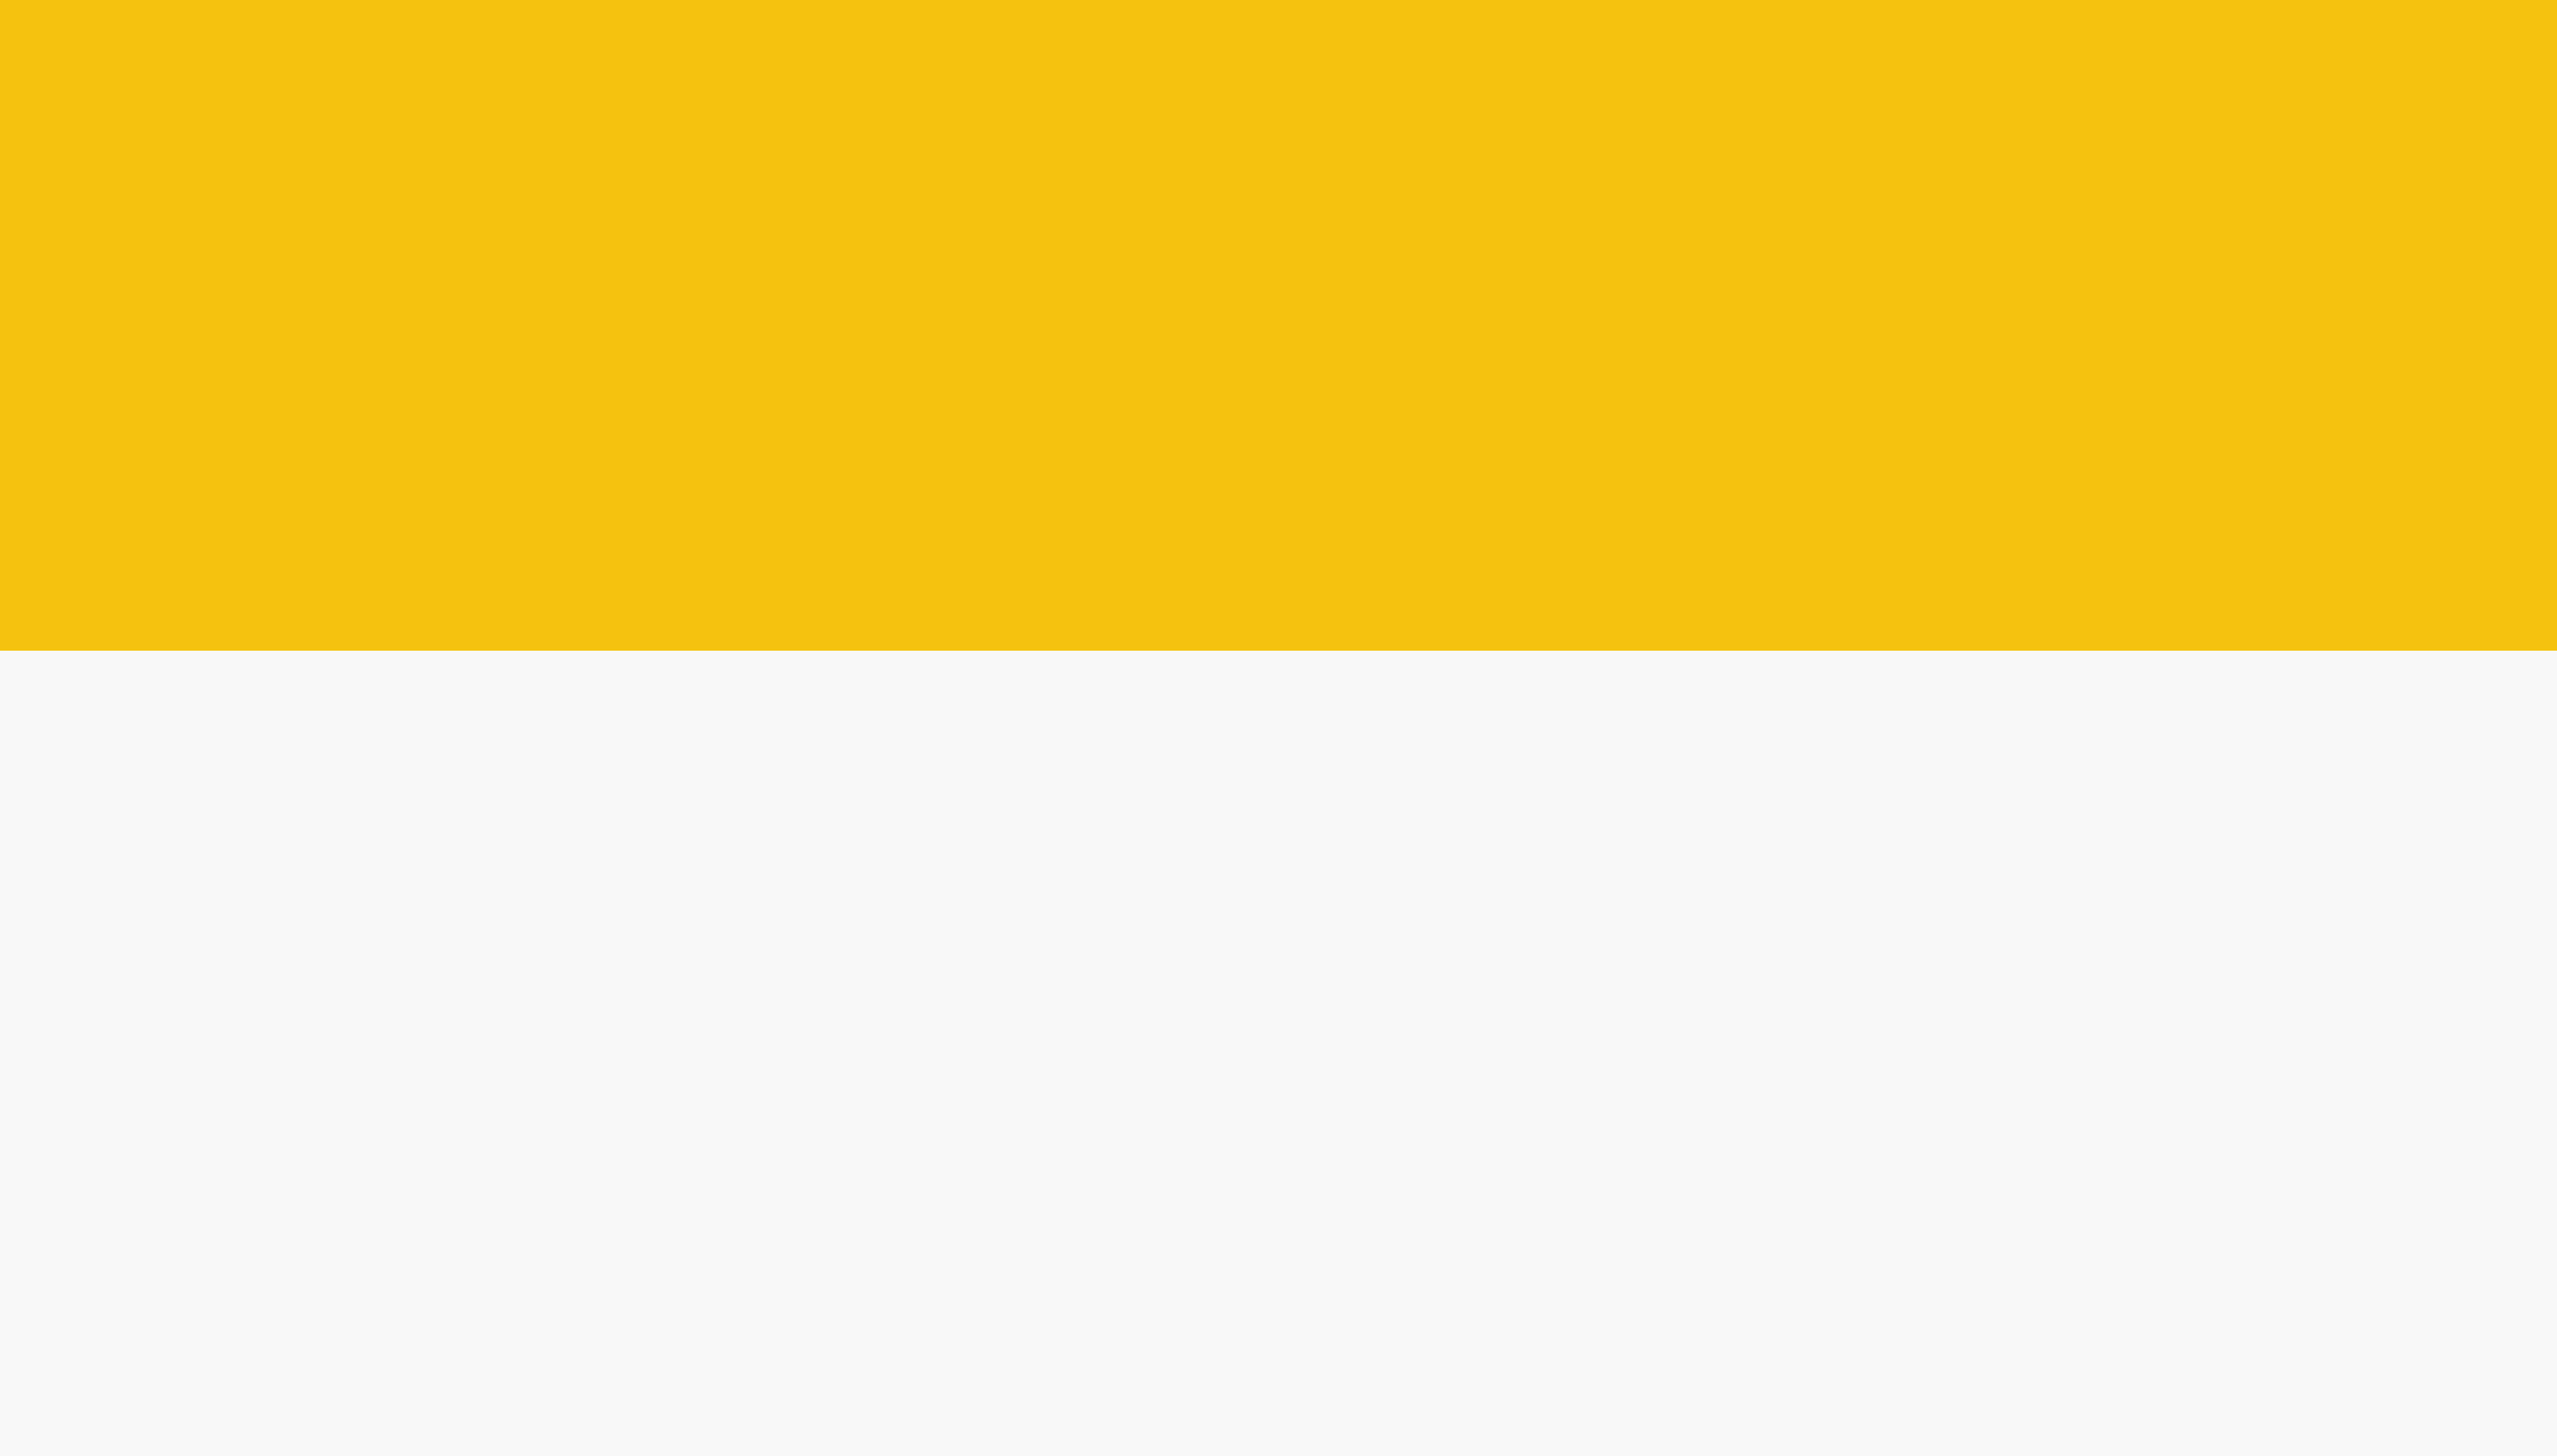 bg-yellow-slider2